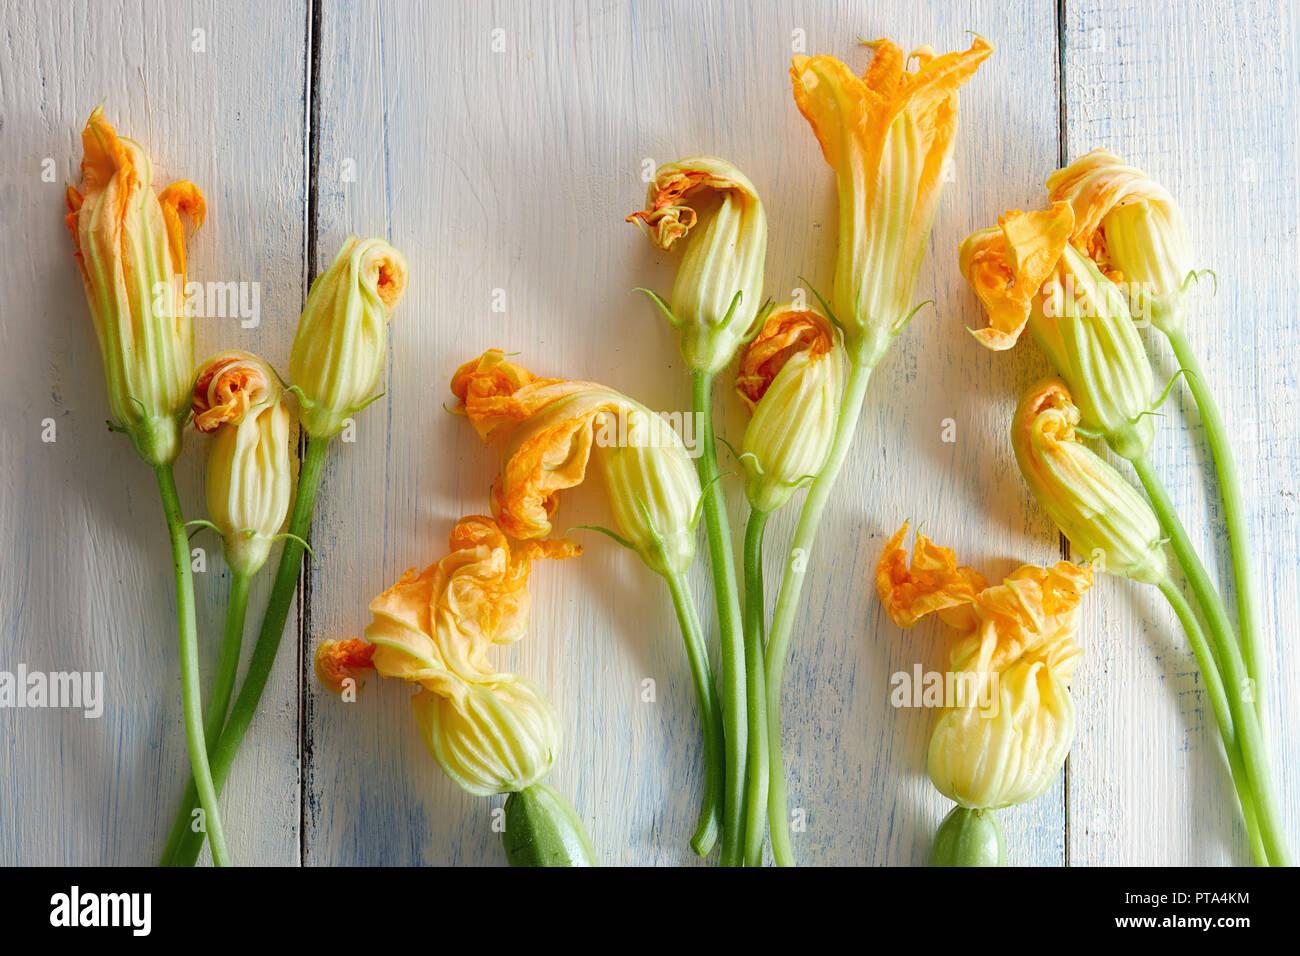 Zucchiniblüten auf hölzernen Hintergrund Stockbild